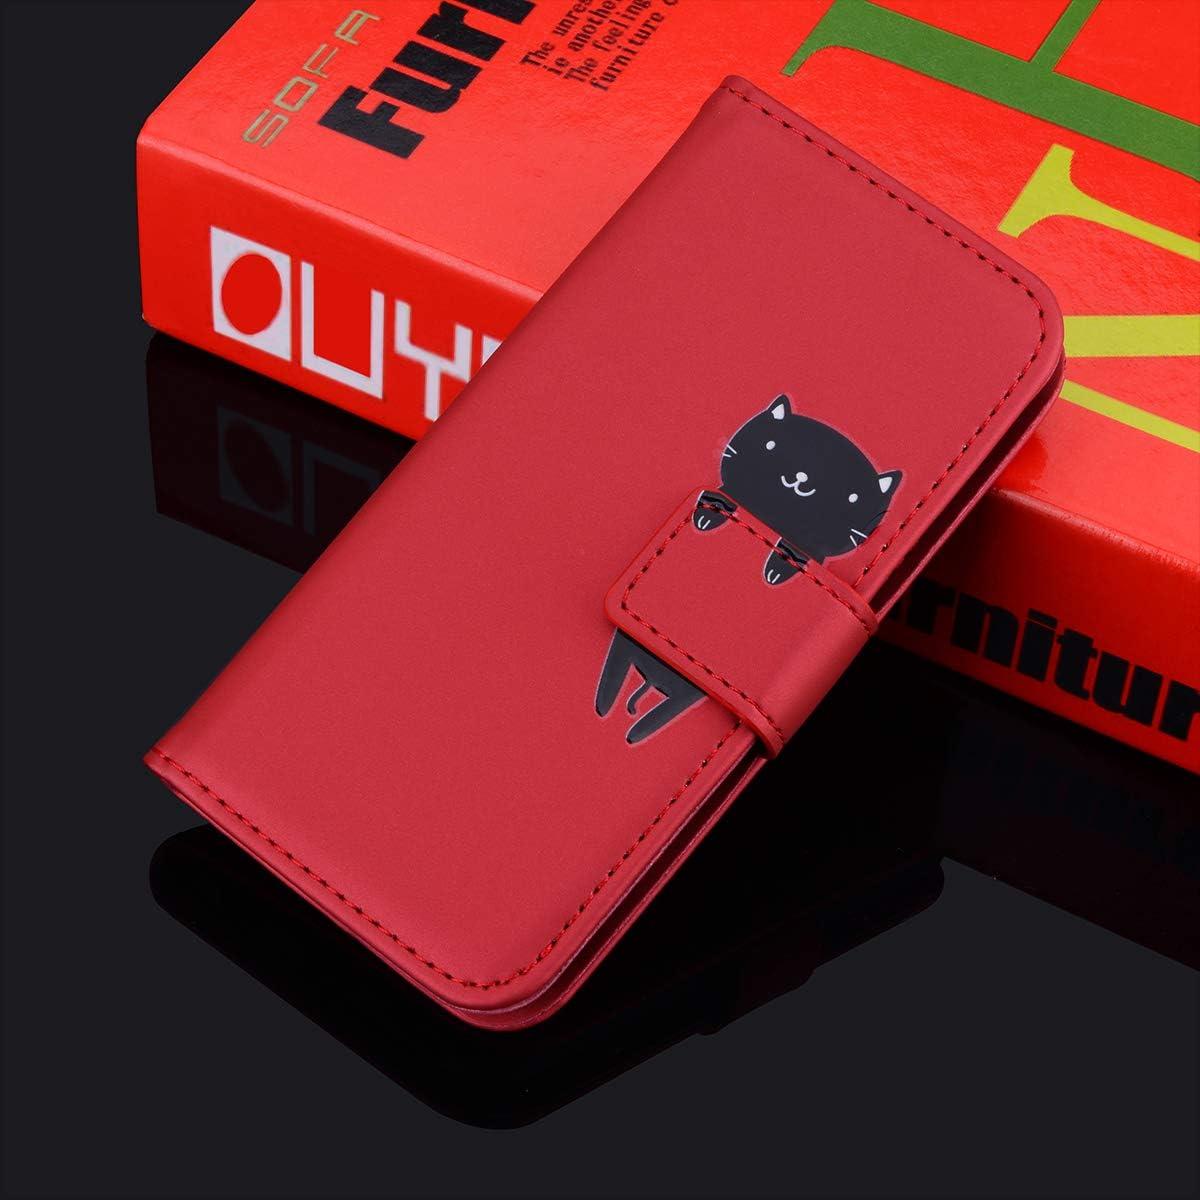 Surakey Etui Coque pour Huawei P Smart Plus 2019,Protection Housse Etui /à Rabat en Cuir PU Portefeuille Livre,Dessin Anim/é Animaux Flip Case Cover Fermeture Magn/étique avec Fonction Stand,Rouge